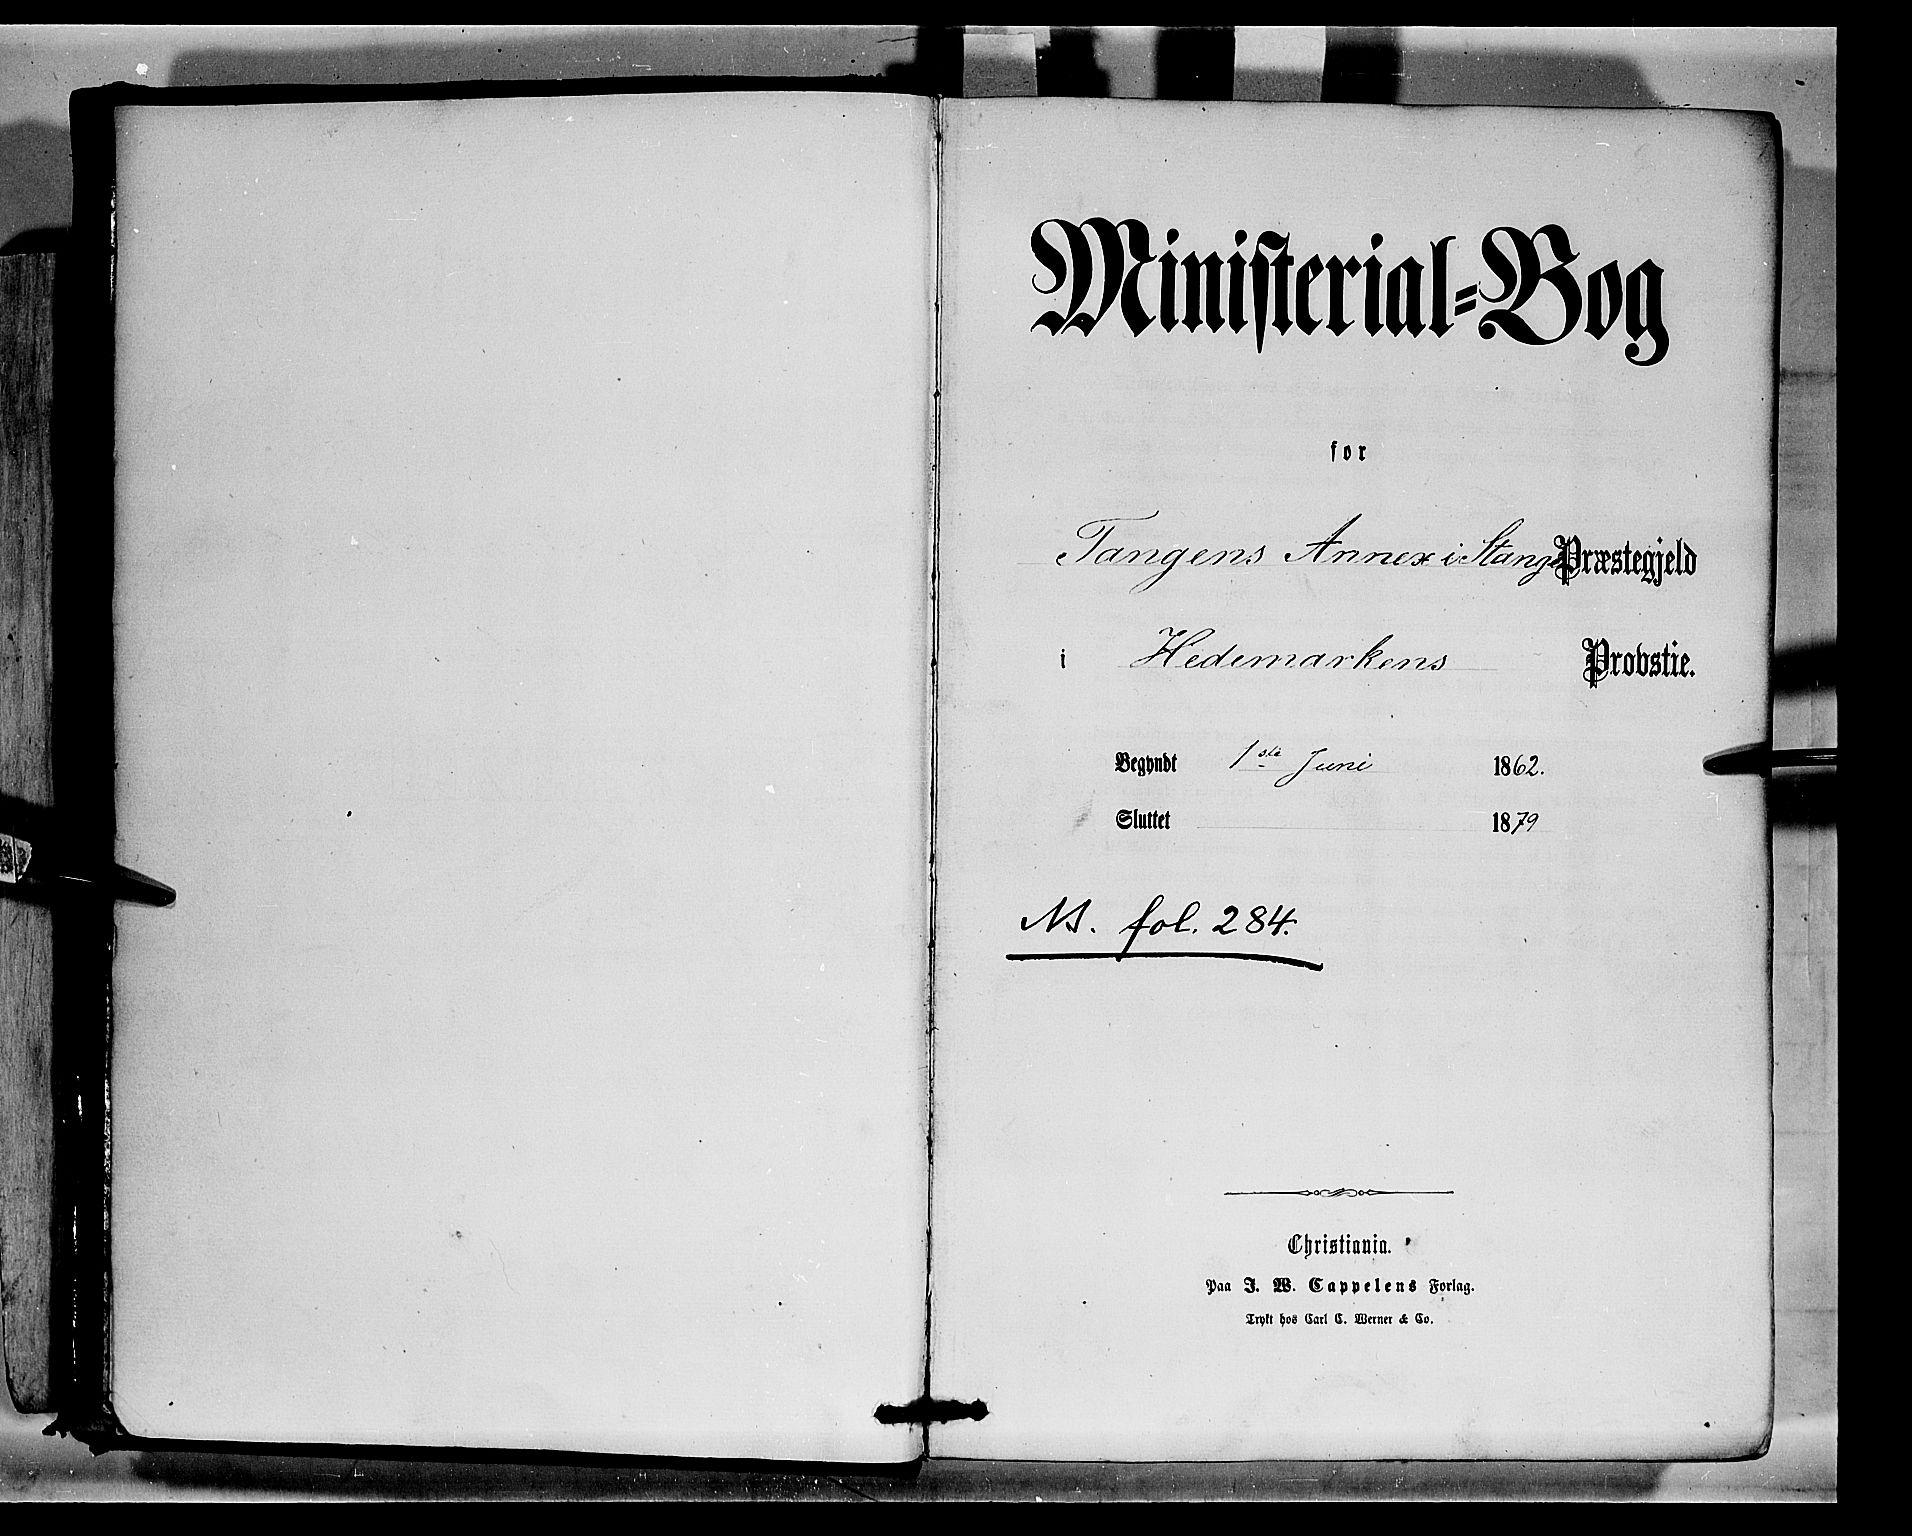 SAH, Stange prestekontor, K/L0014: Parish register (official) no. 14, 1862-1879